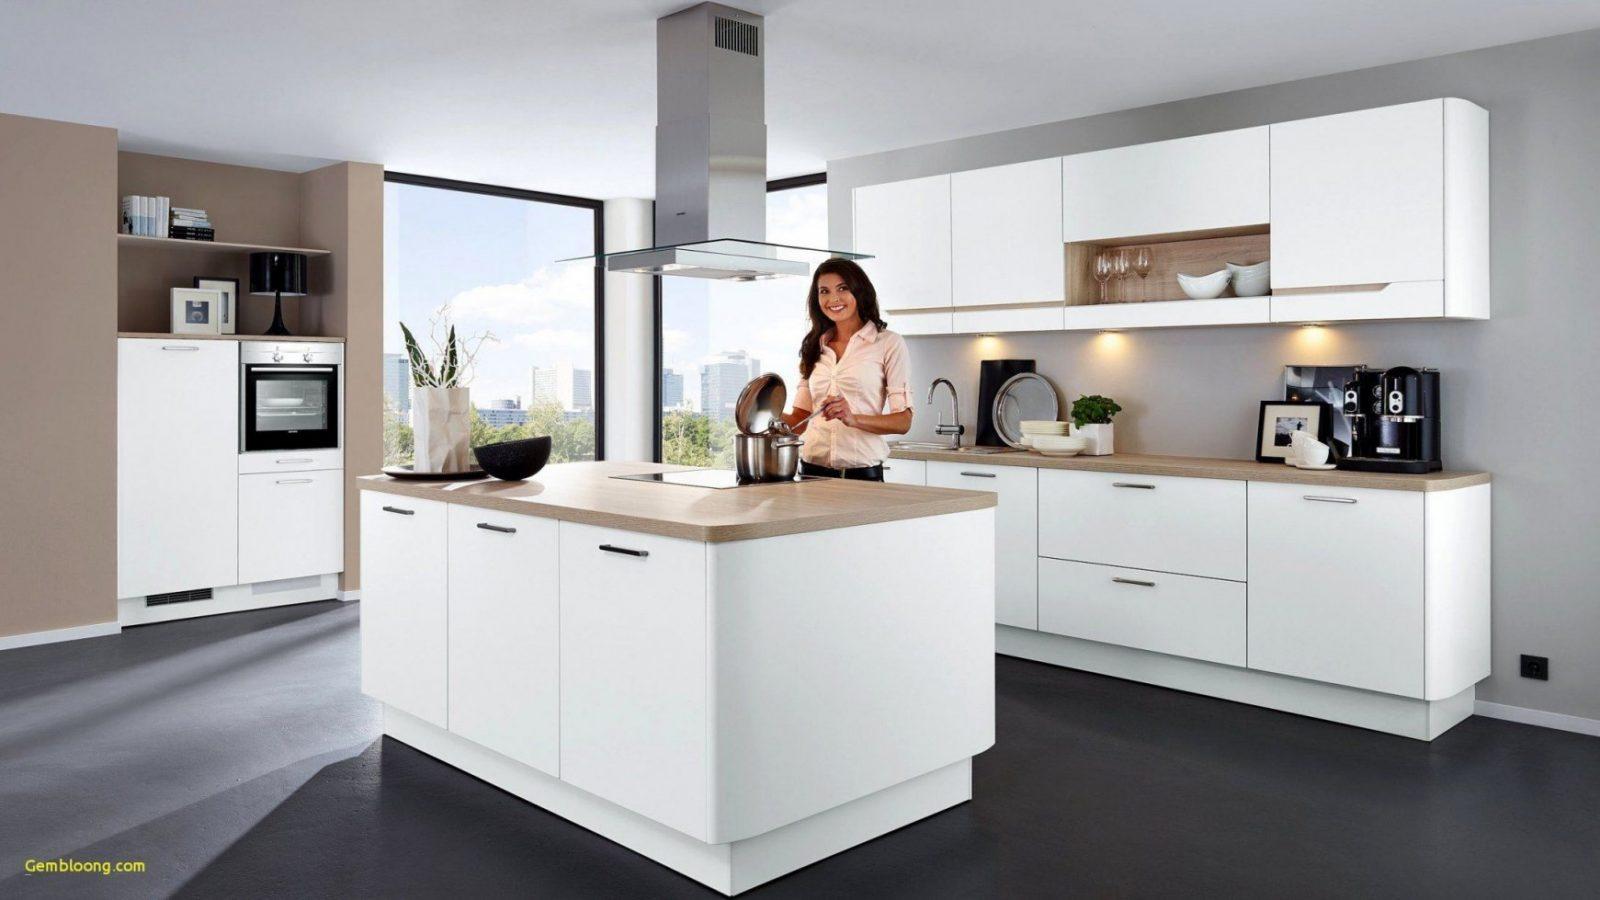 Kuche Mit Kochinsel Modern Luxus 40 Zeilen Kuche Kuchen Design Von von Luxus Küche Mit Kochinsel Bild